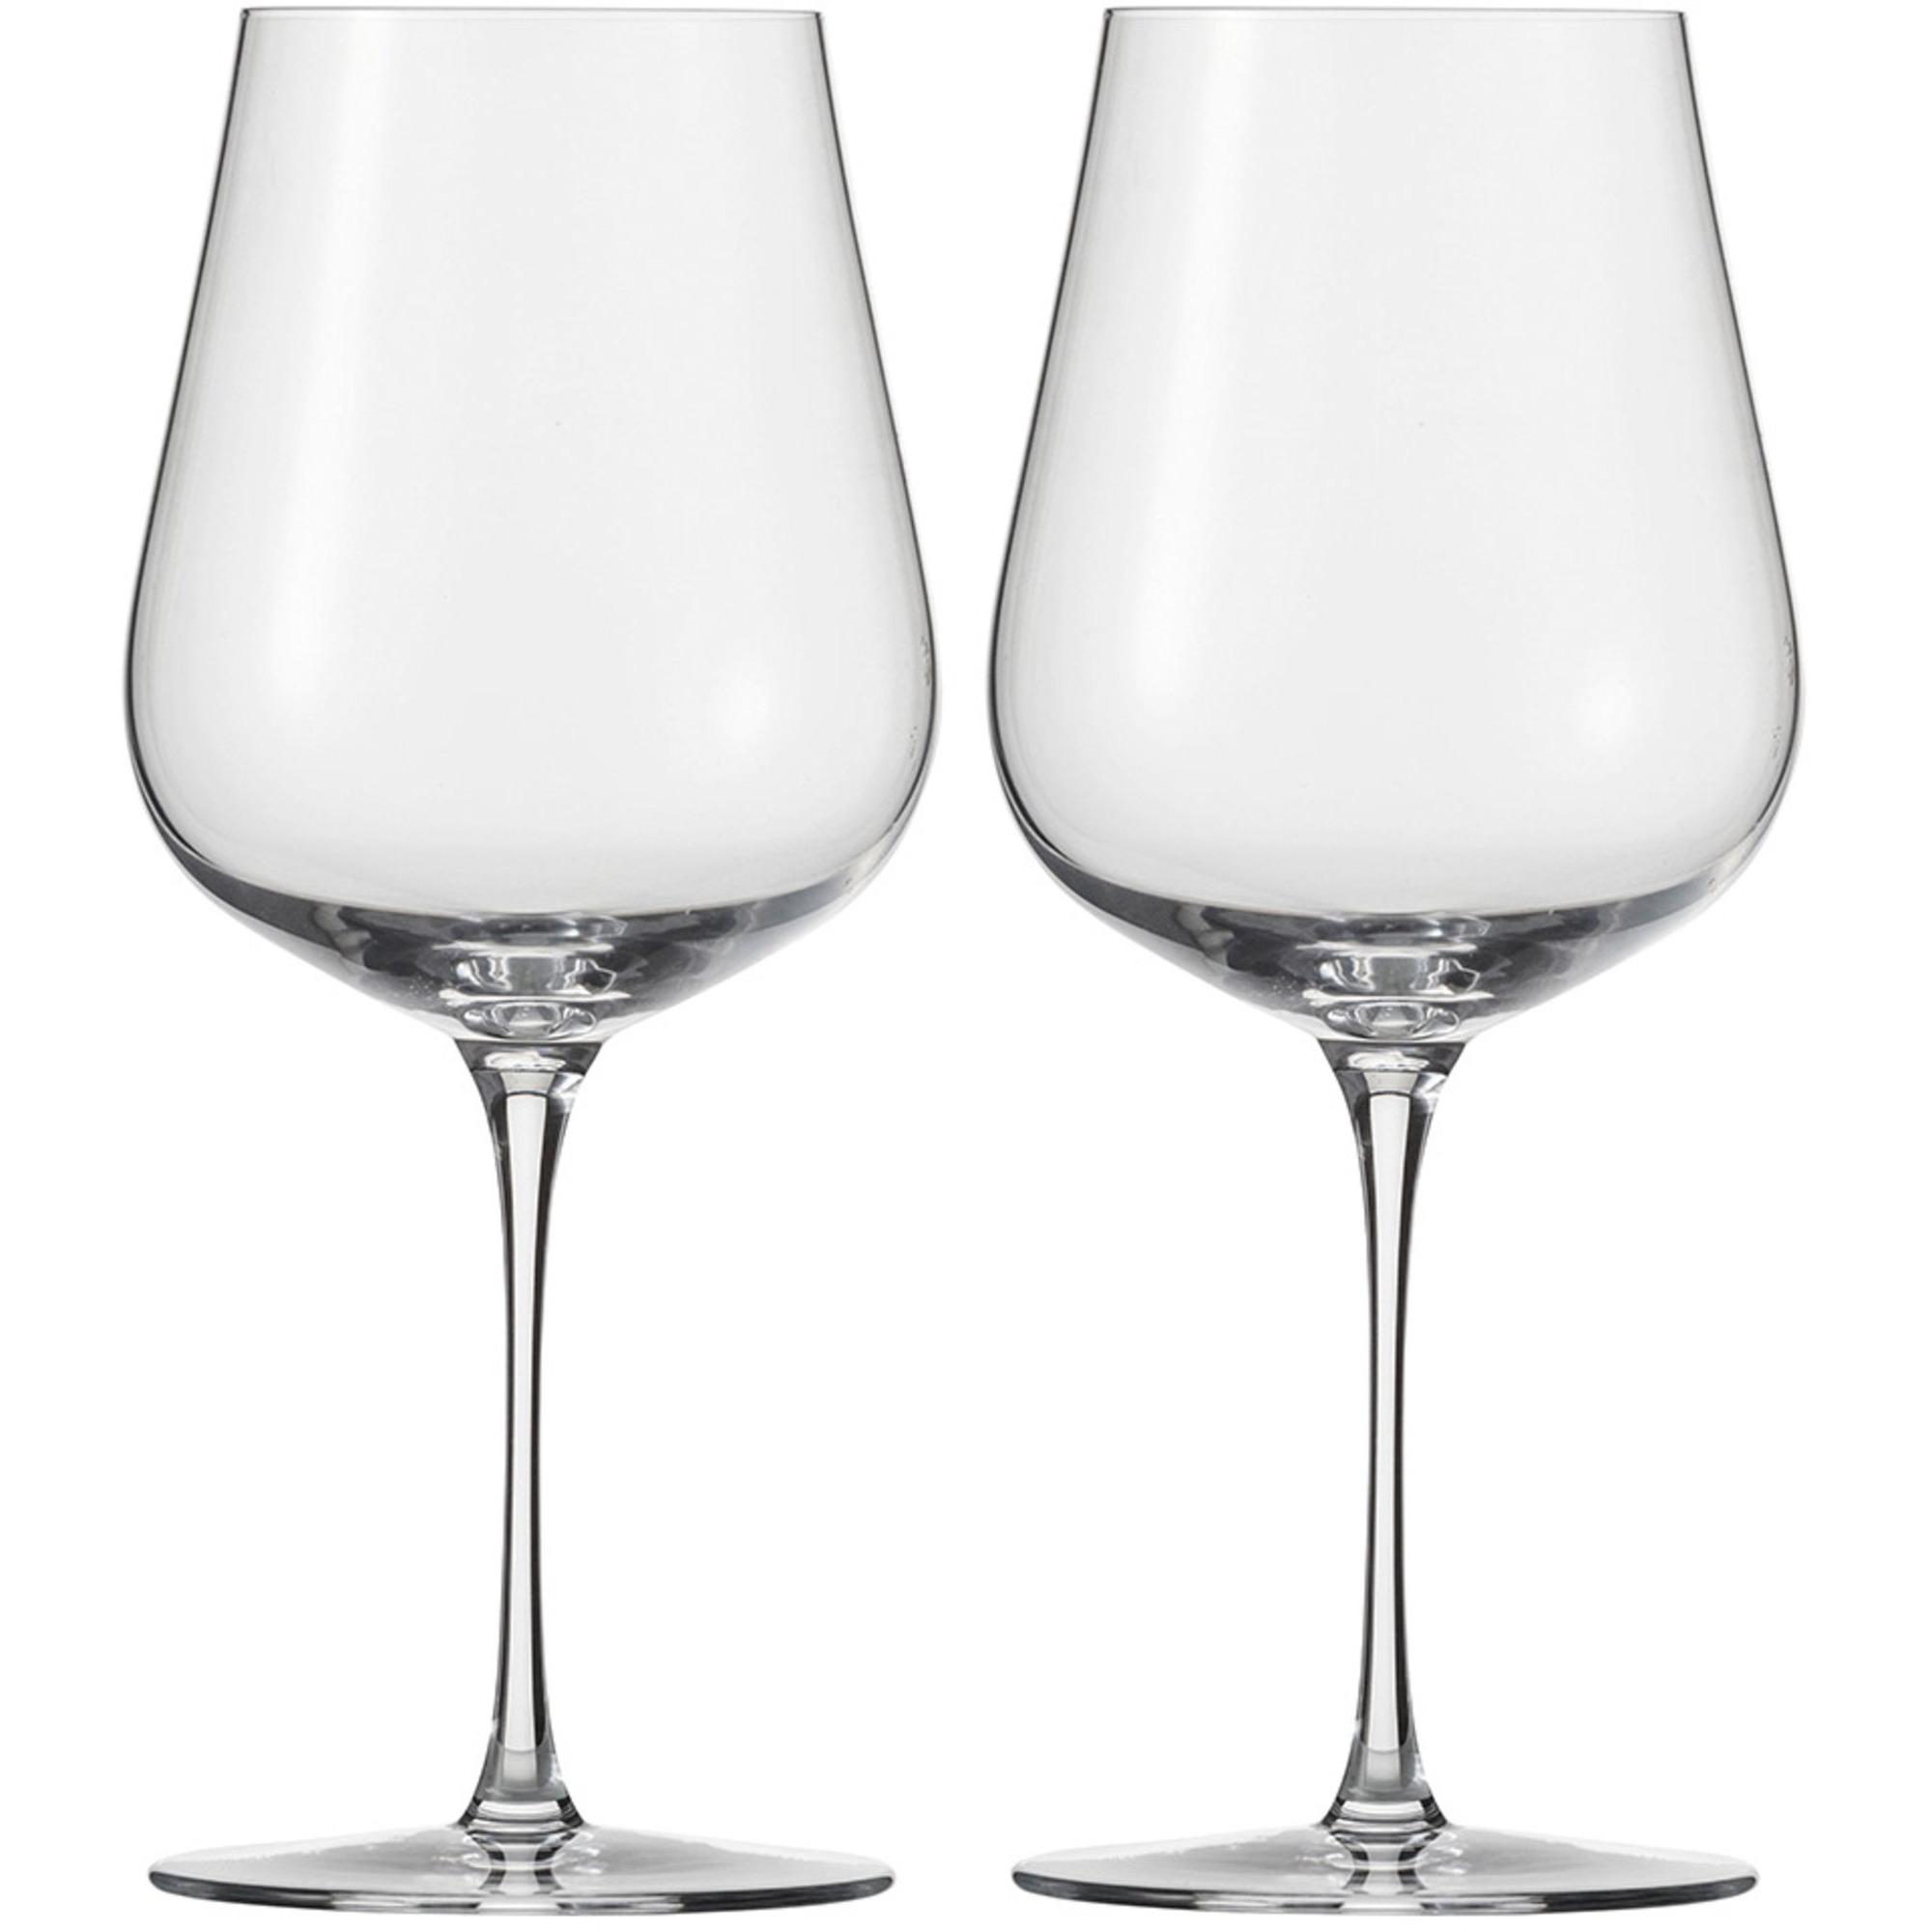 Zwiesel Air Vitvinsglas Chardonnay 42 cl 2-pack